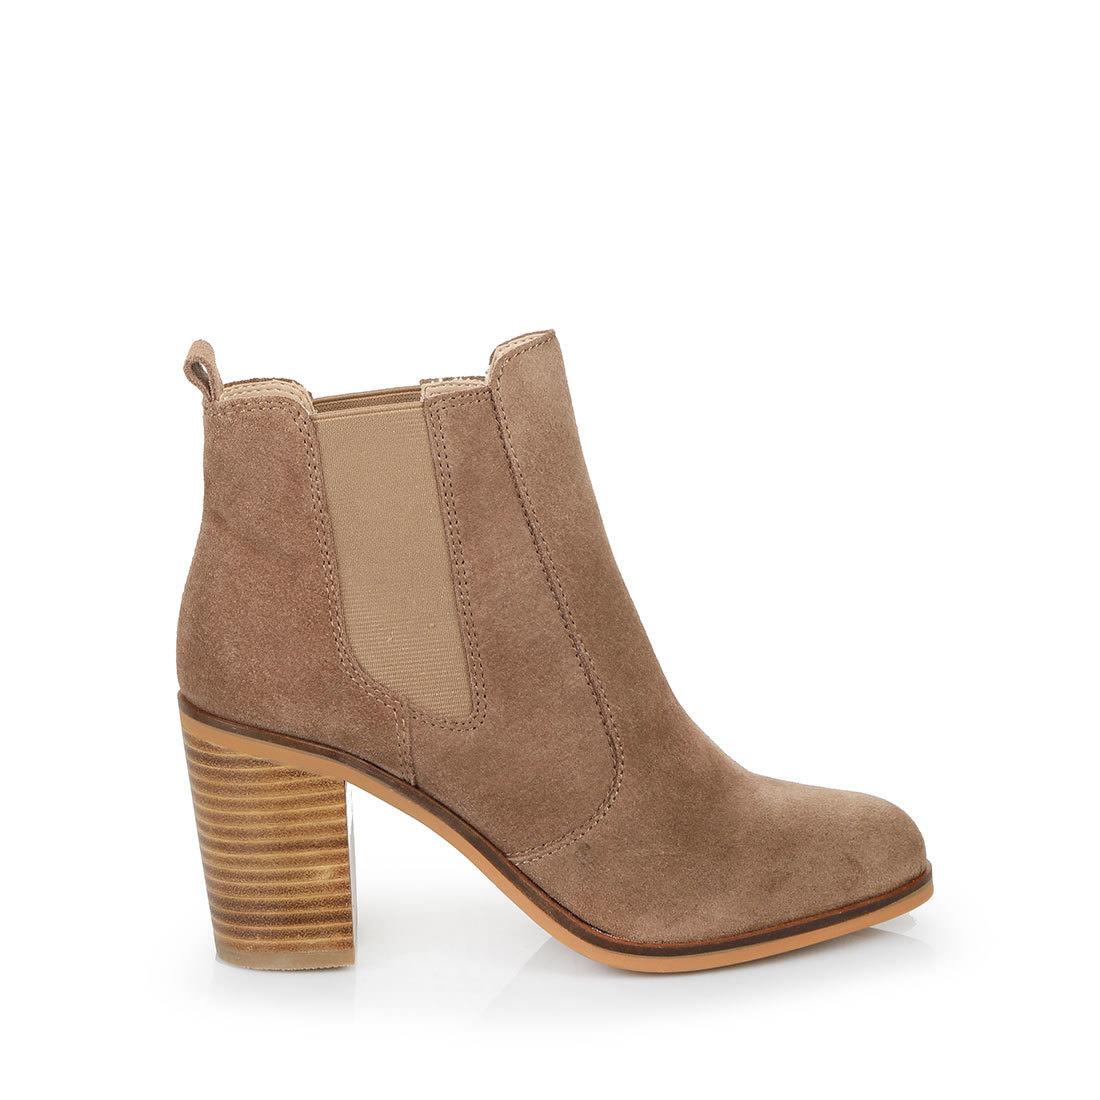 buffalo ankle boots in dark beige buy online in buffalo online shop buffalo. Black Bedroom Furniture Sets. Home Design Ideas